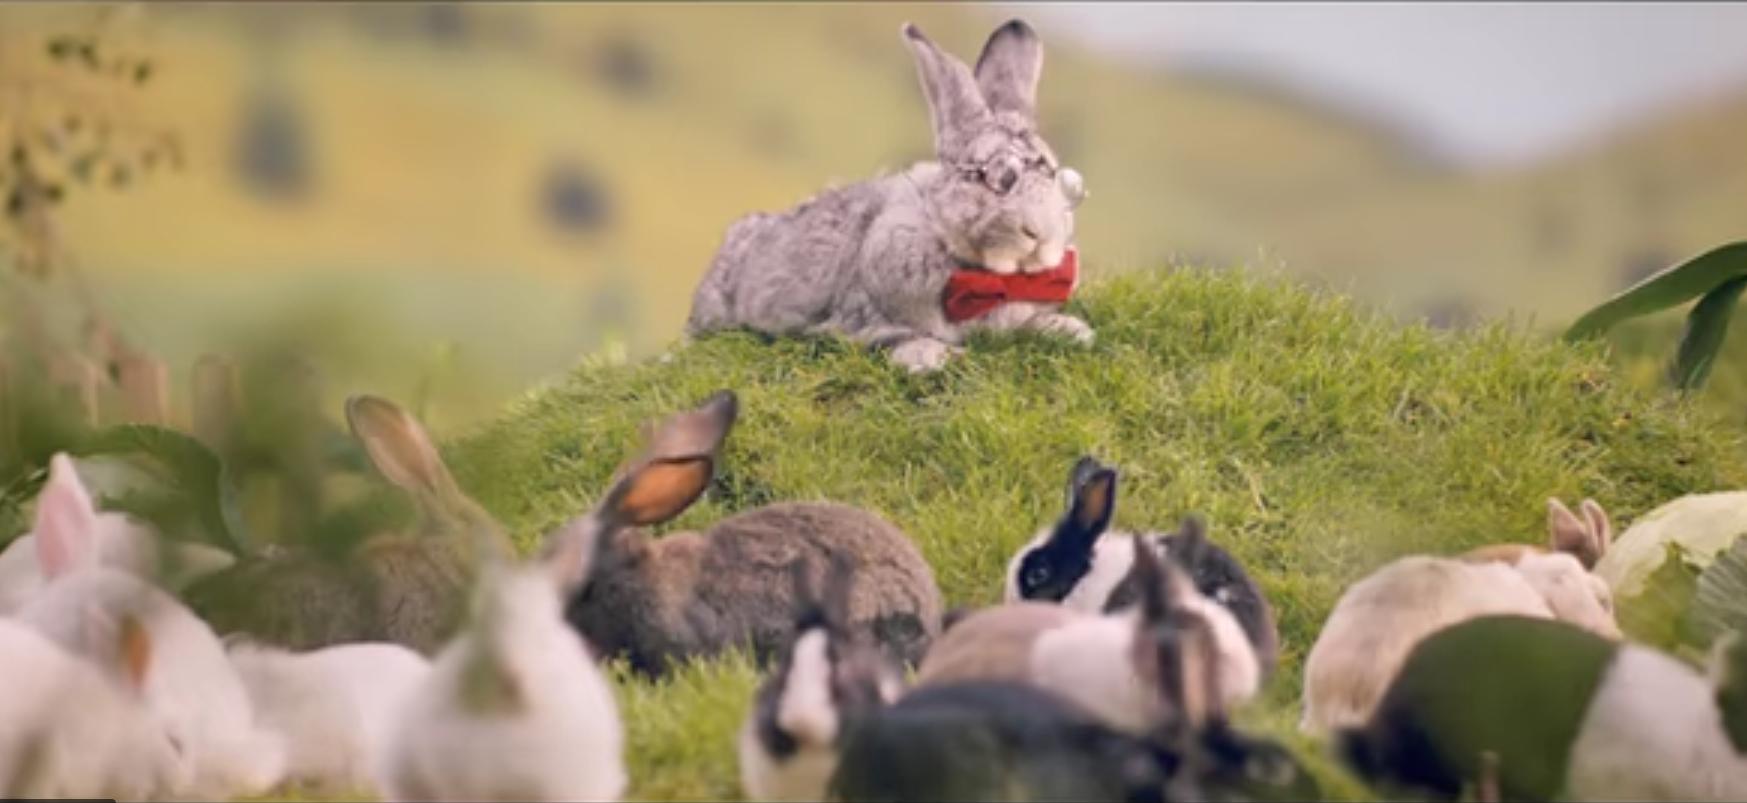 Scena ze spotu reklamowego Ministerstwa Zdrowia